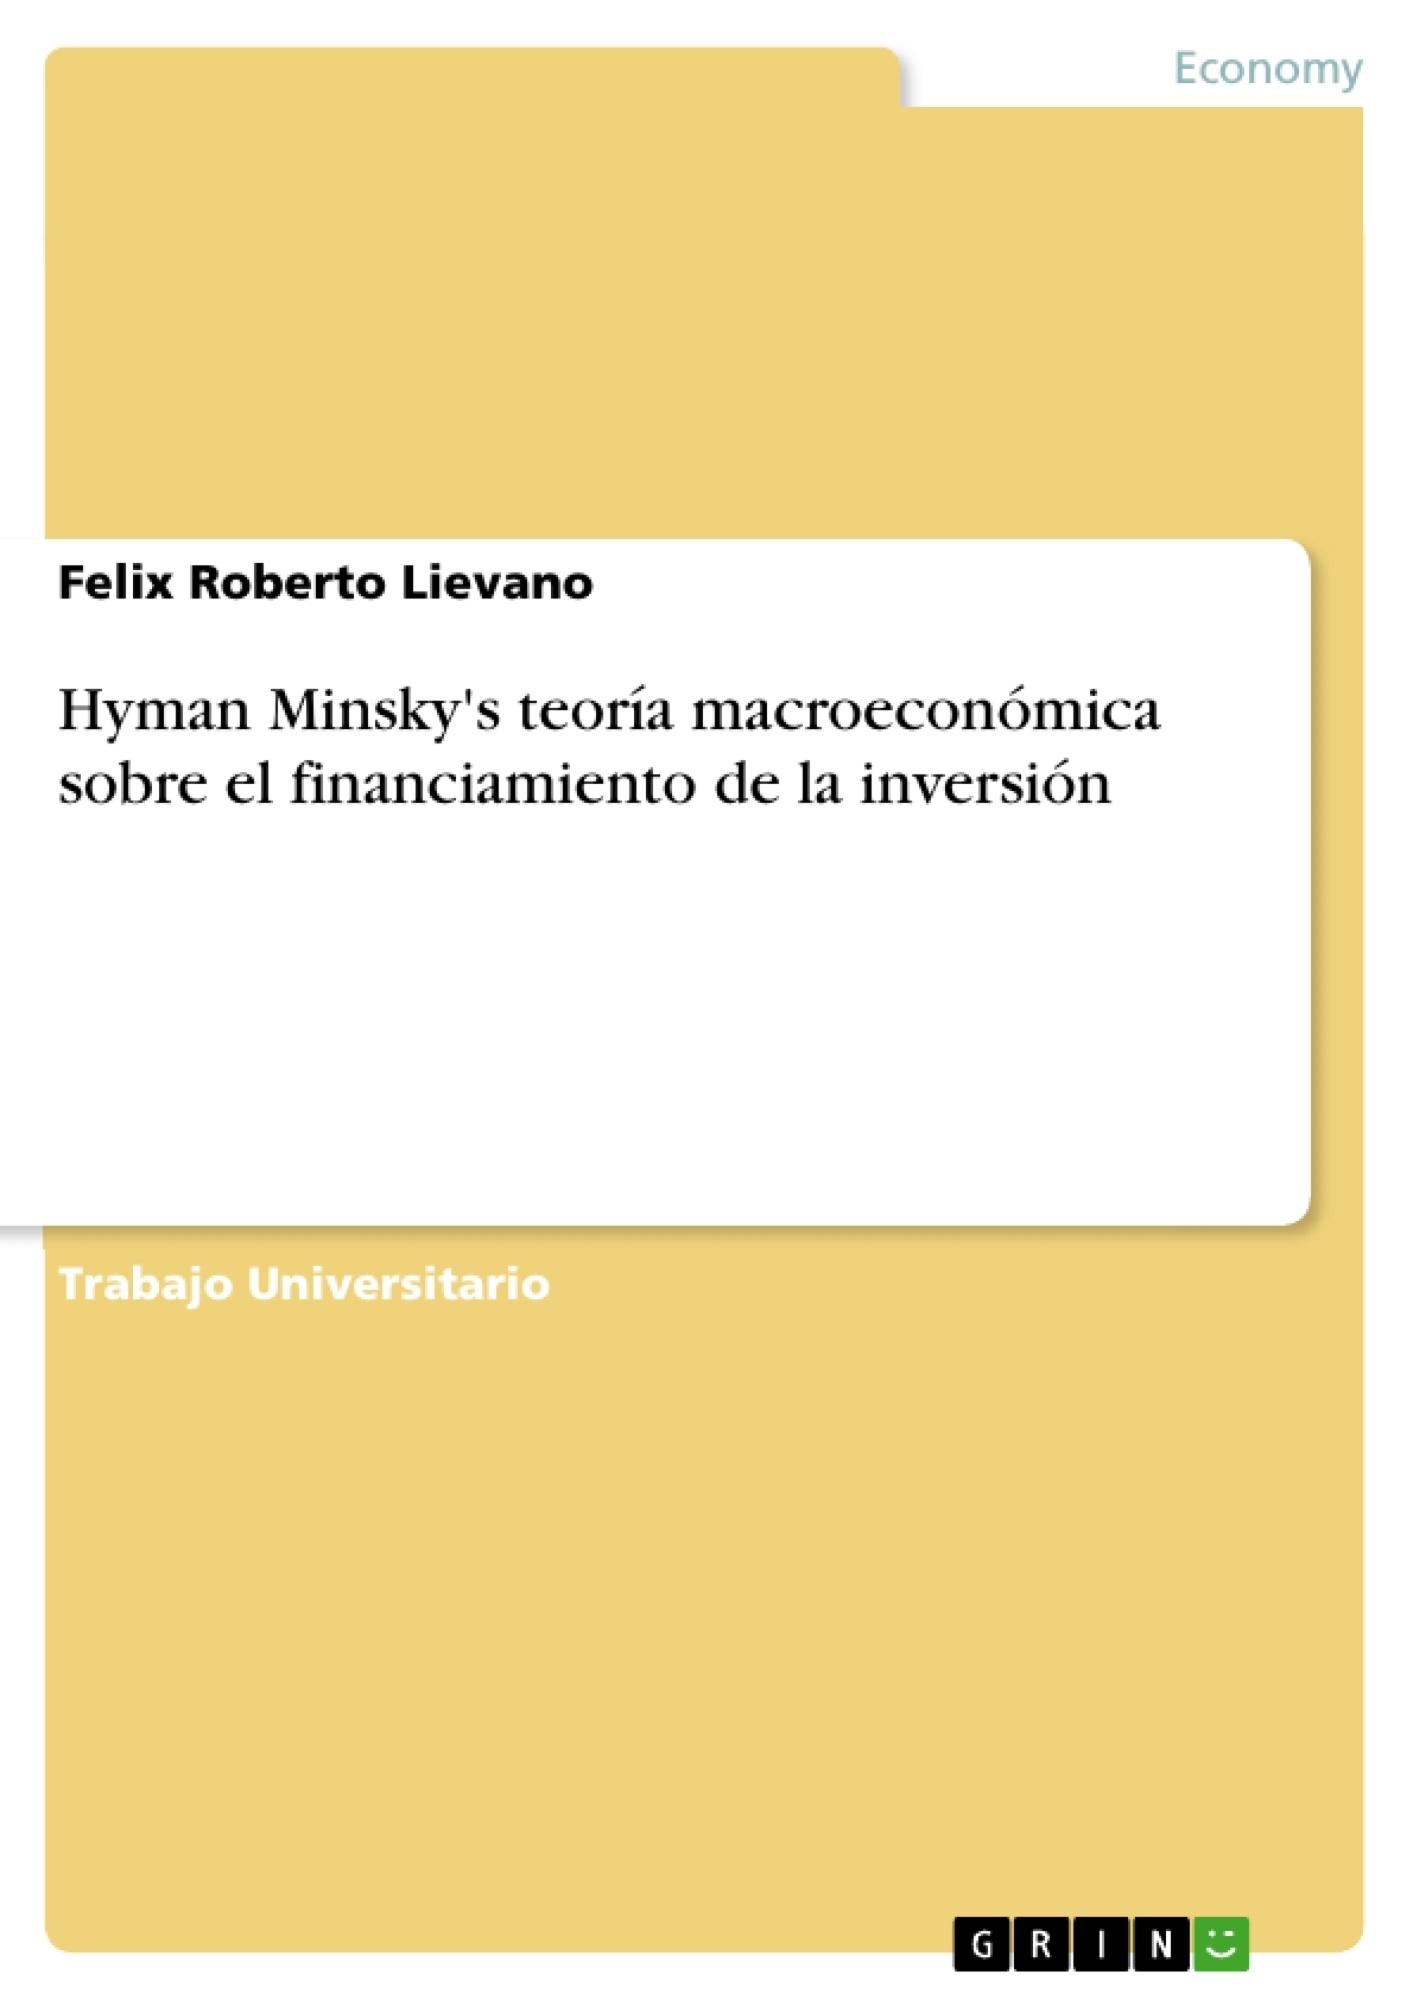 Título: Hyman Minsky's teoría macroeconómica sobre el financiamiento de la inversión